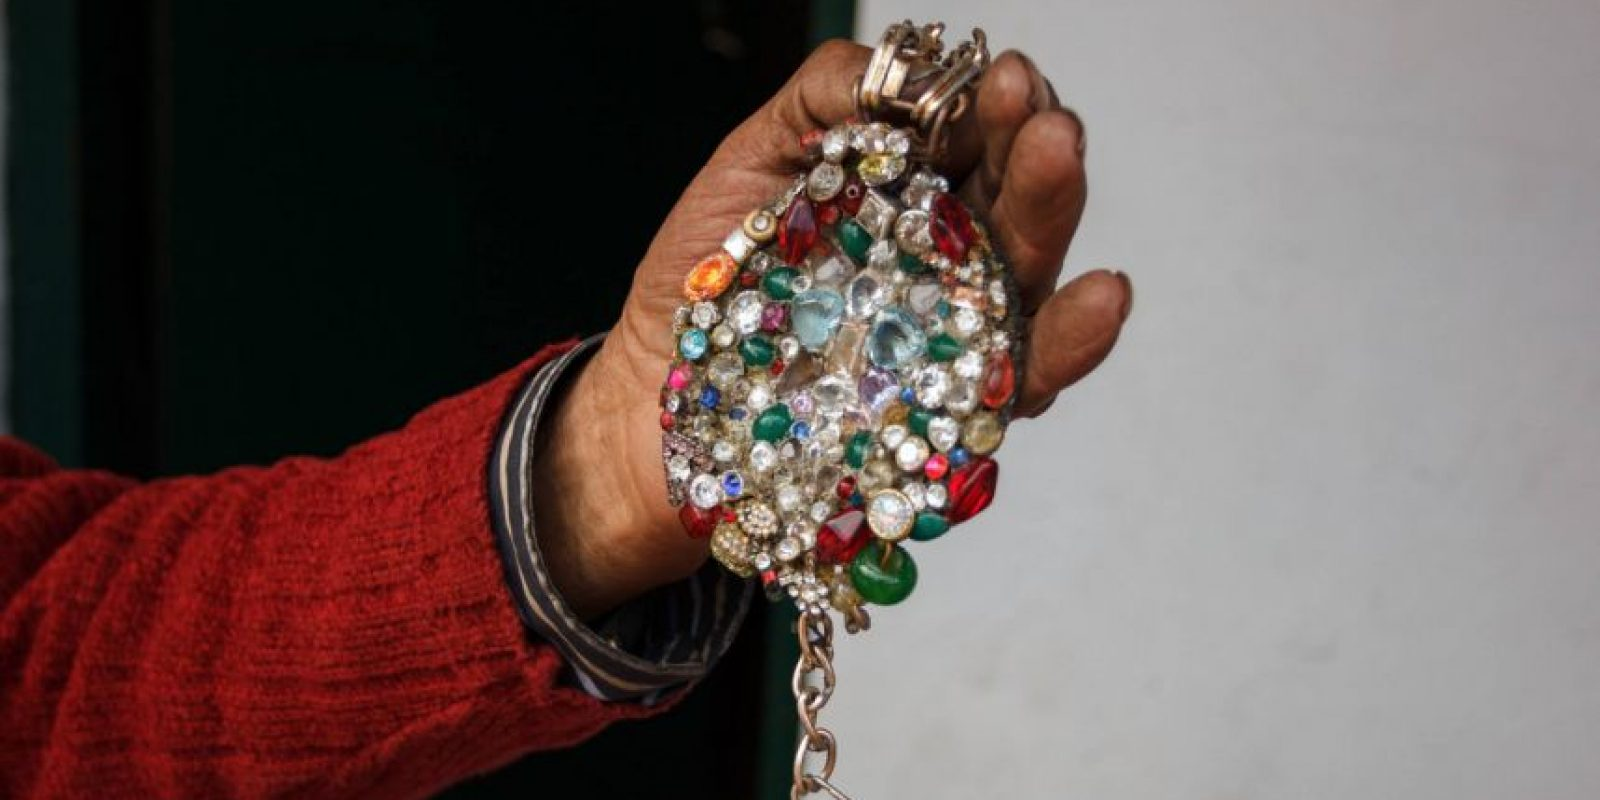 Contiene piedras preciosas y diamantes, dice. Foto:Juan Pablo Pino / Publimetro